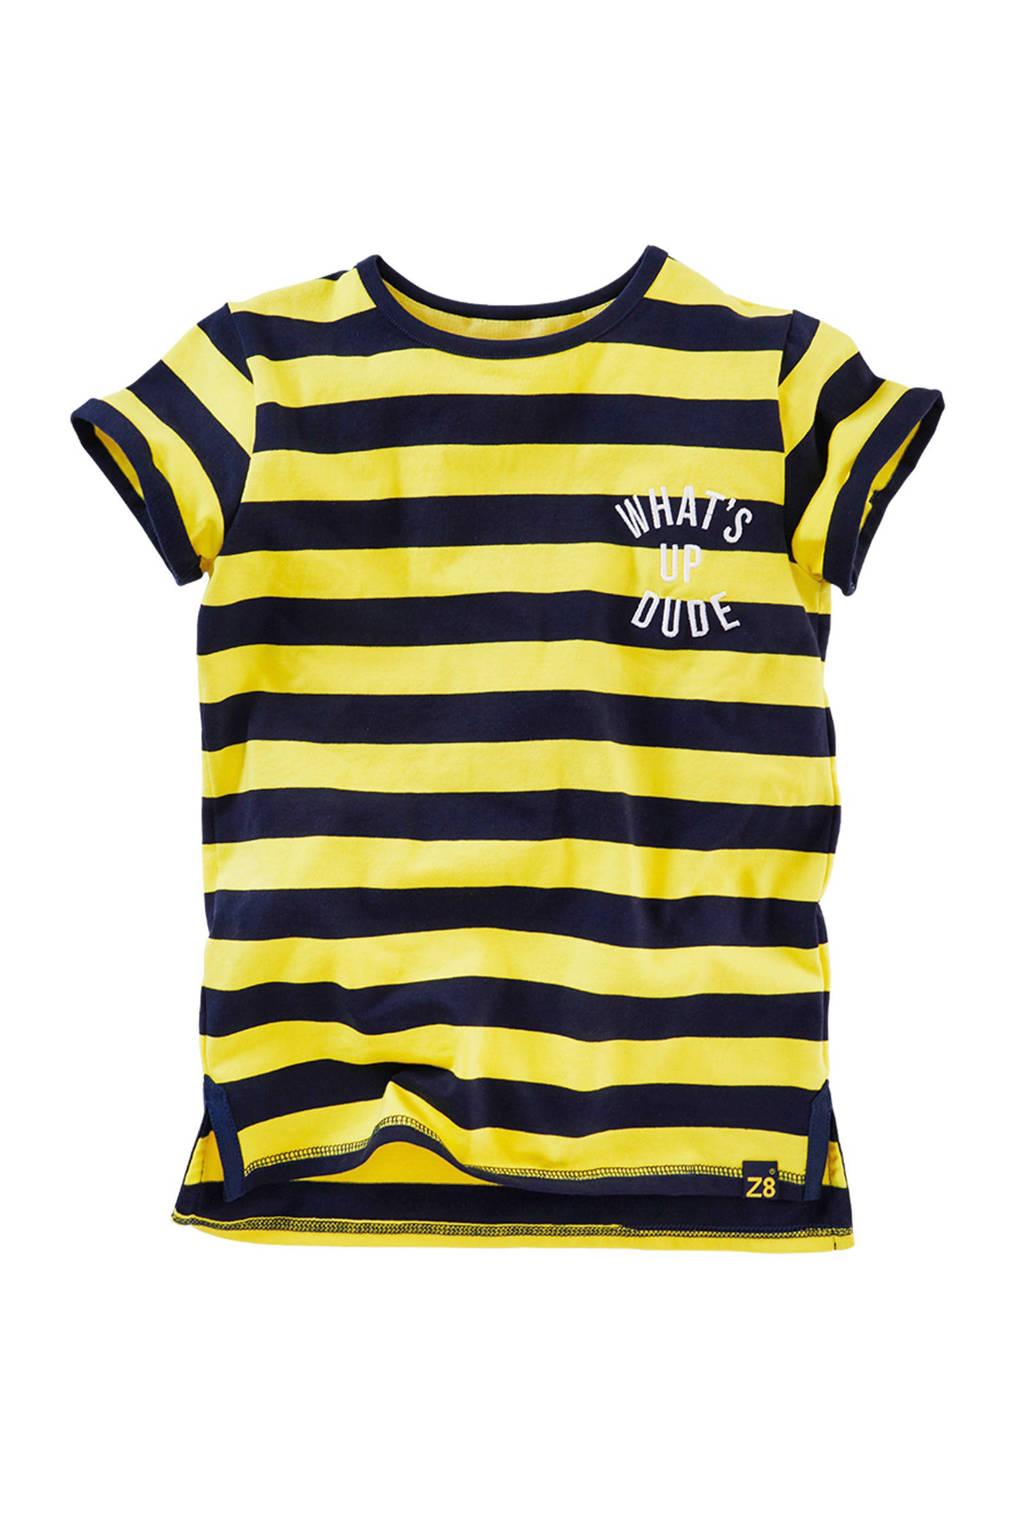 Z8 gestreept T-shirt Janko geel/blauw, Geel/donkerblauw